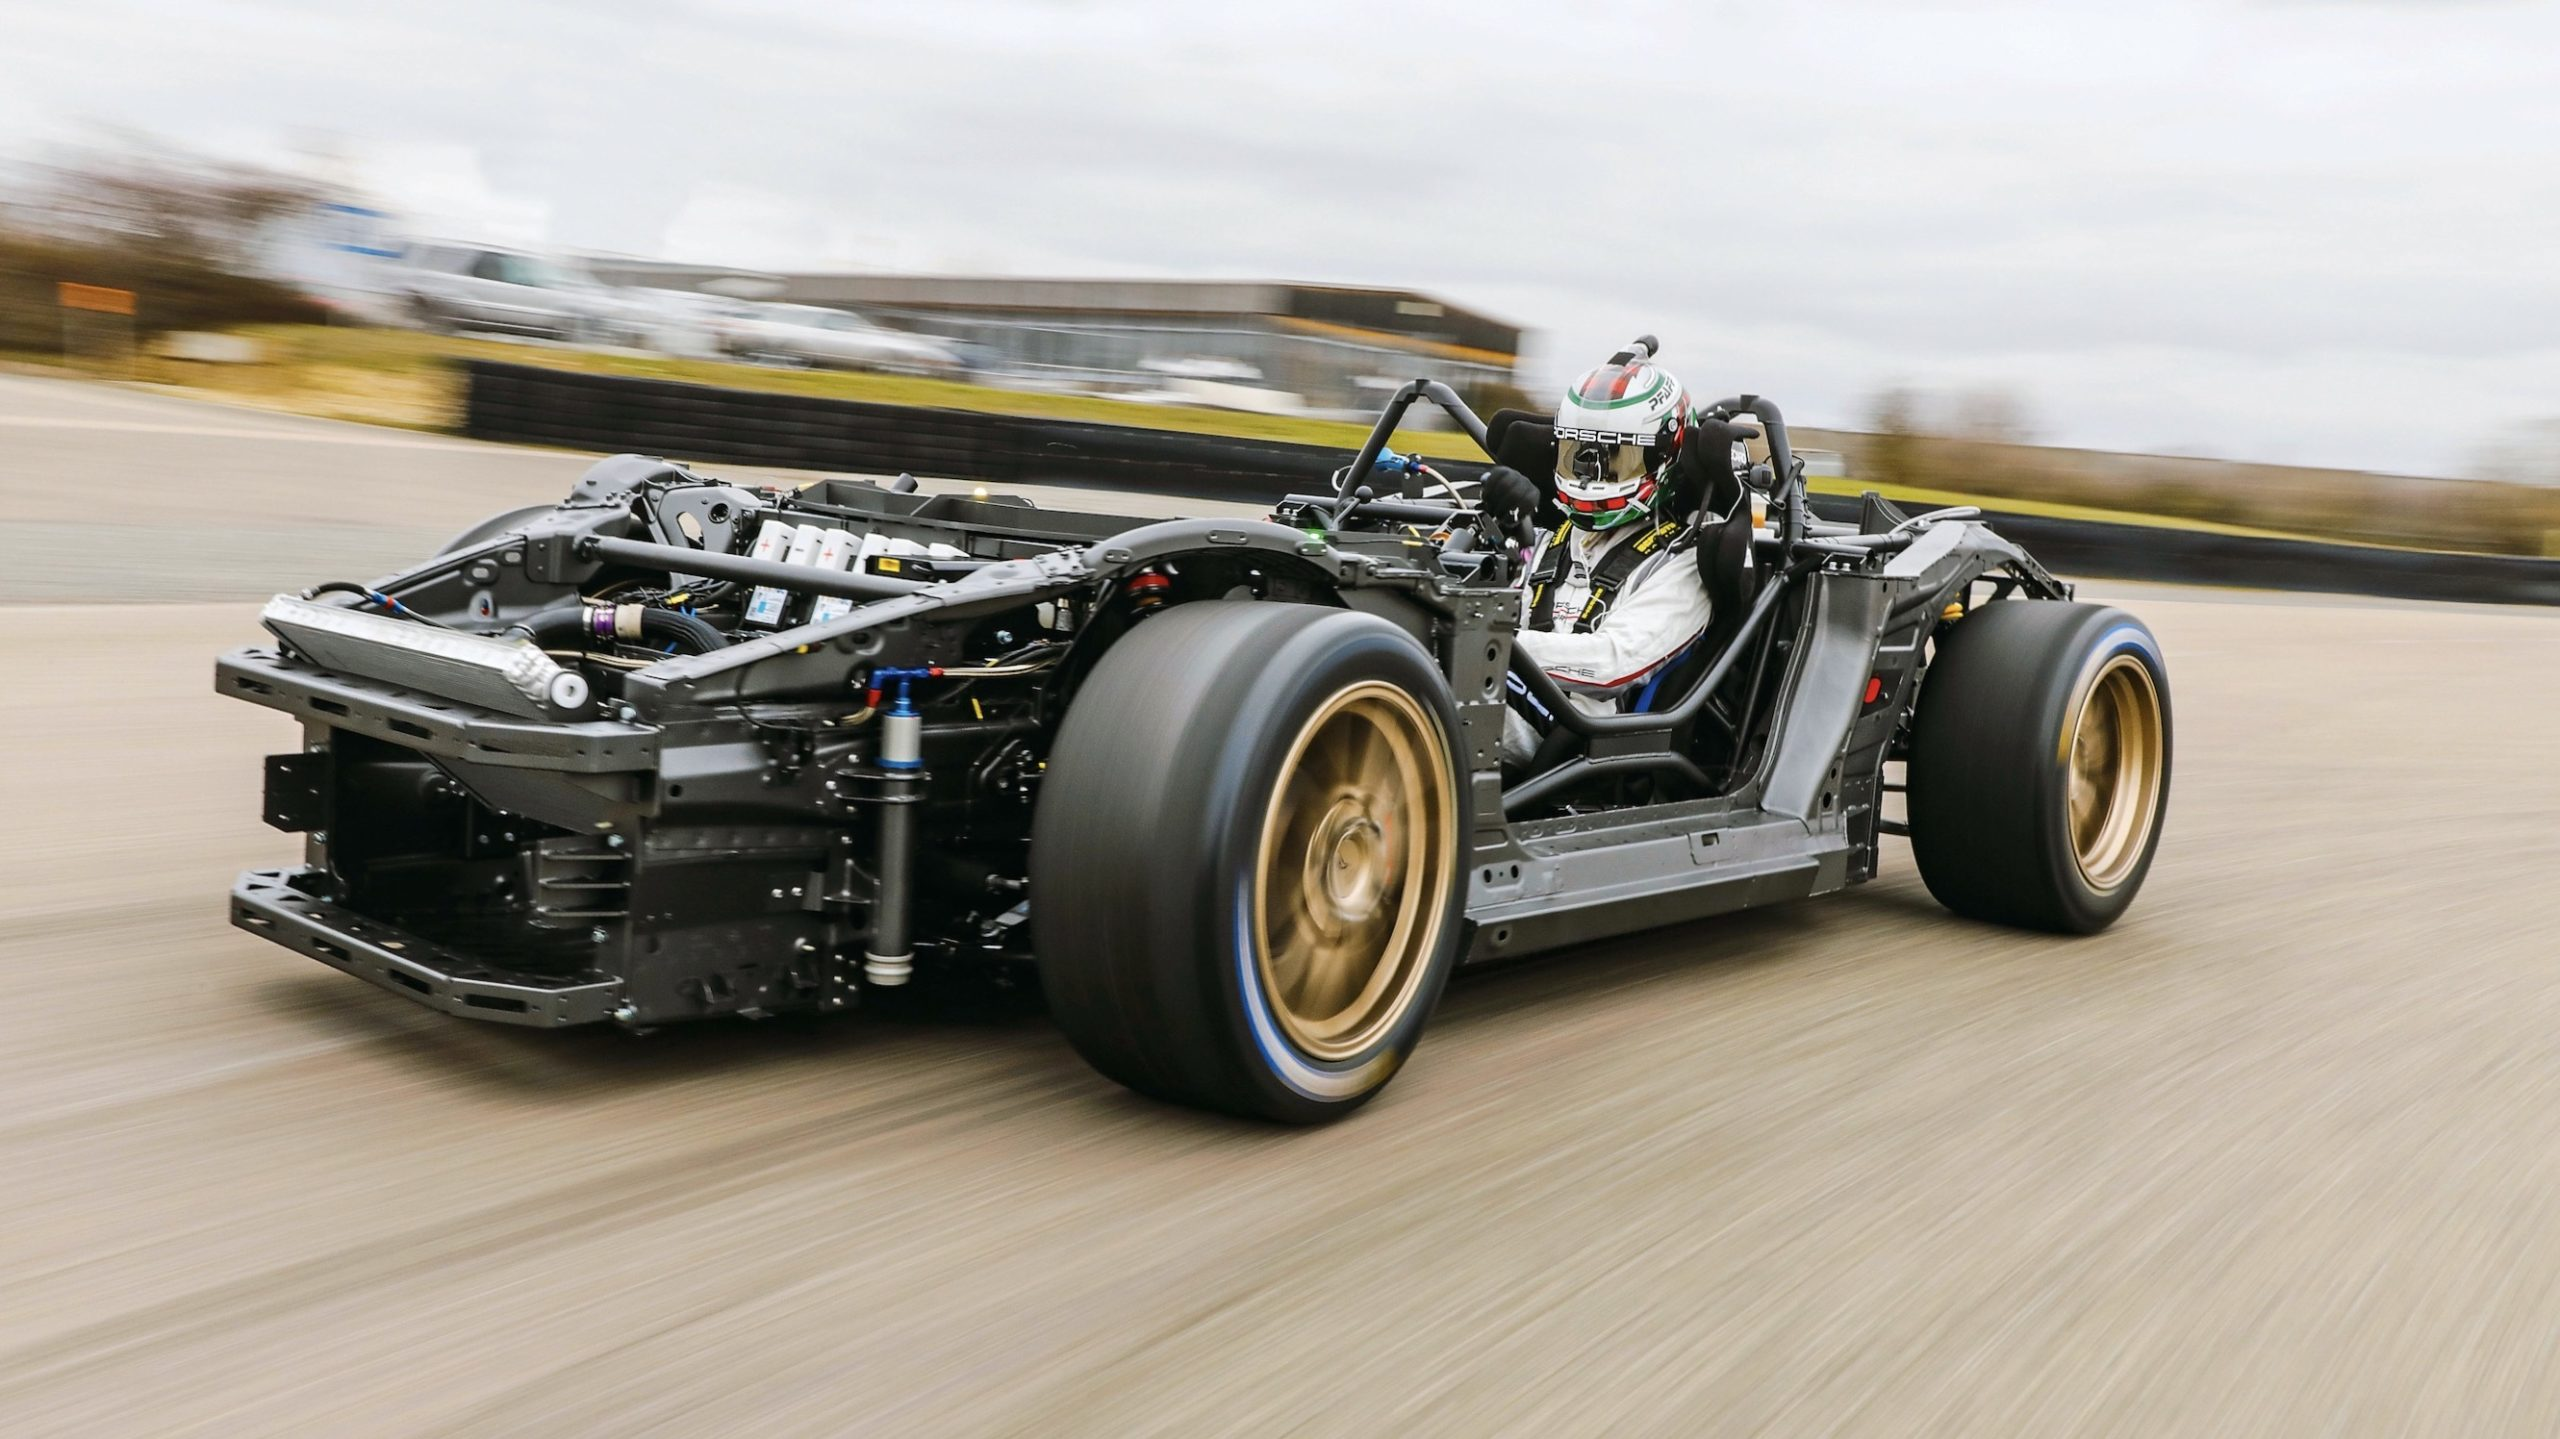 Porsche desvela los secretos del prototipo Mission R | forococheselectricos